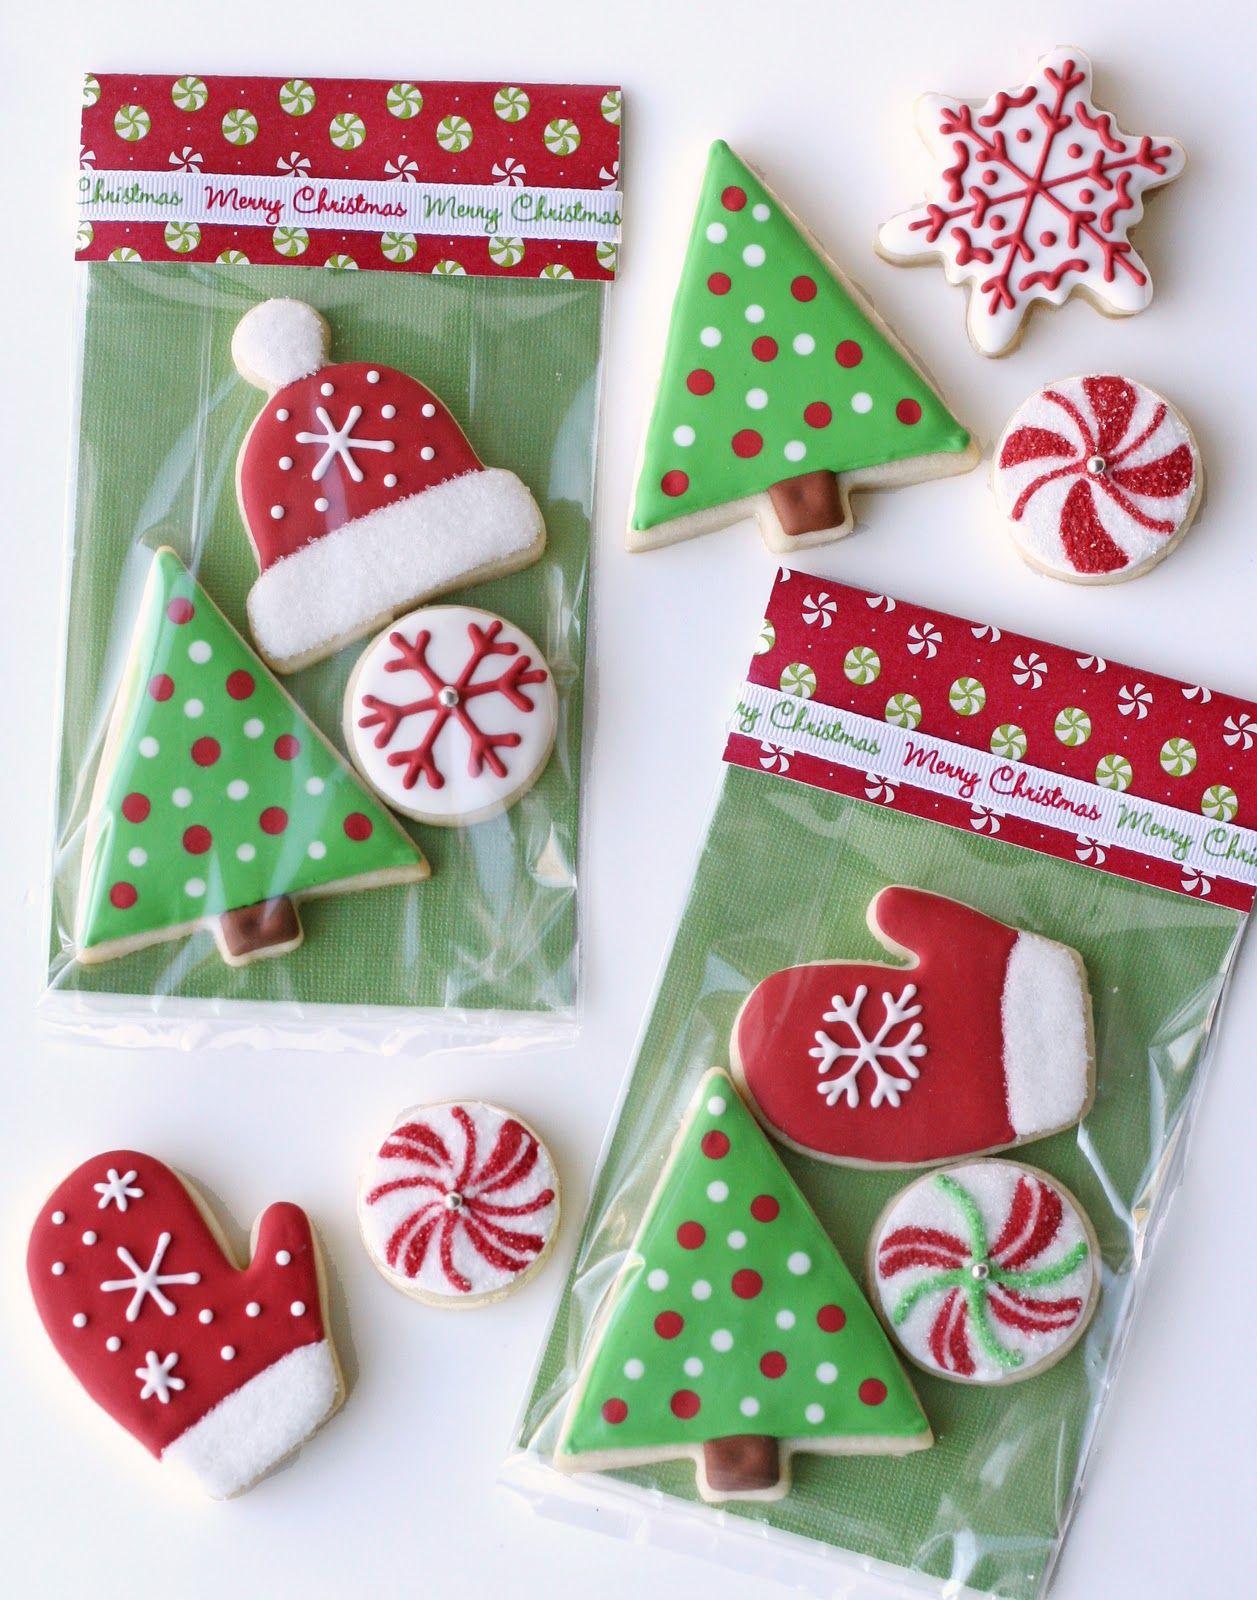 Christmas Cookies and Cute Packaging Christmas cookies